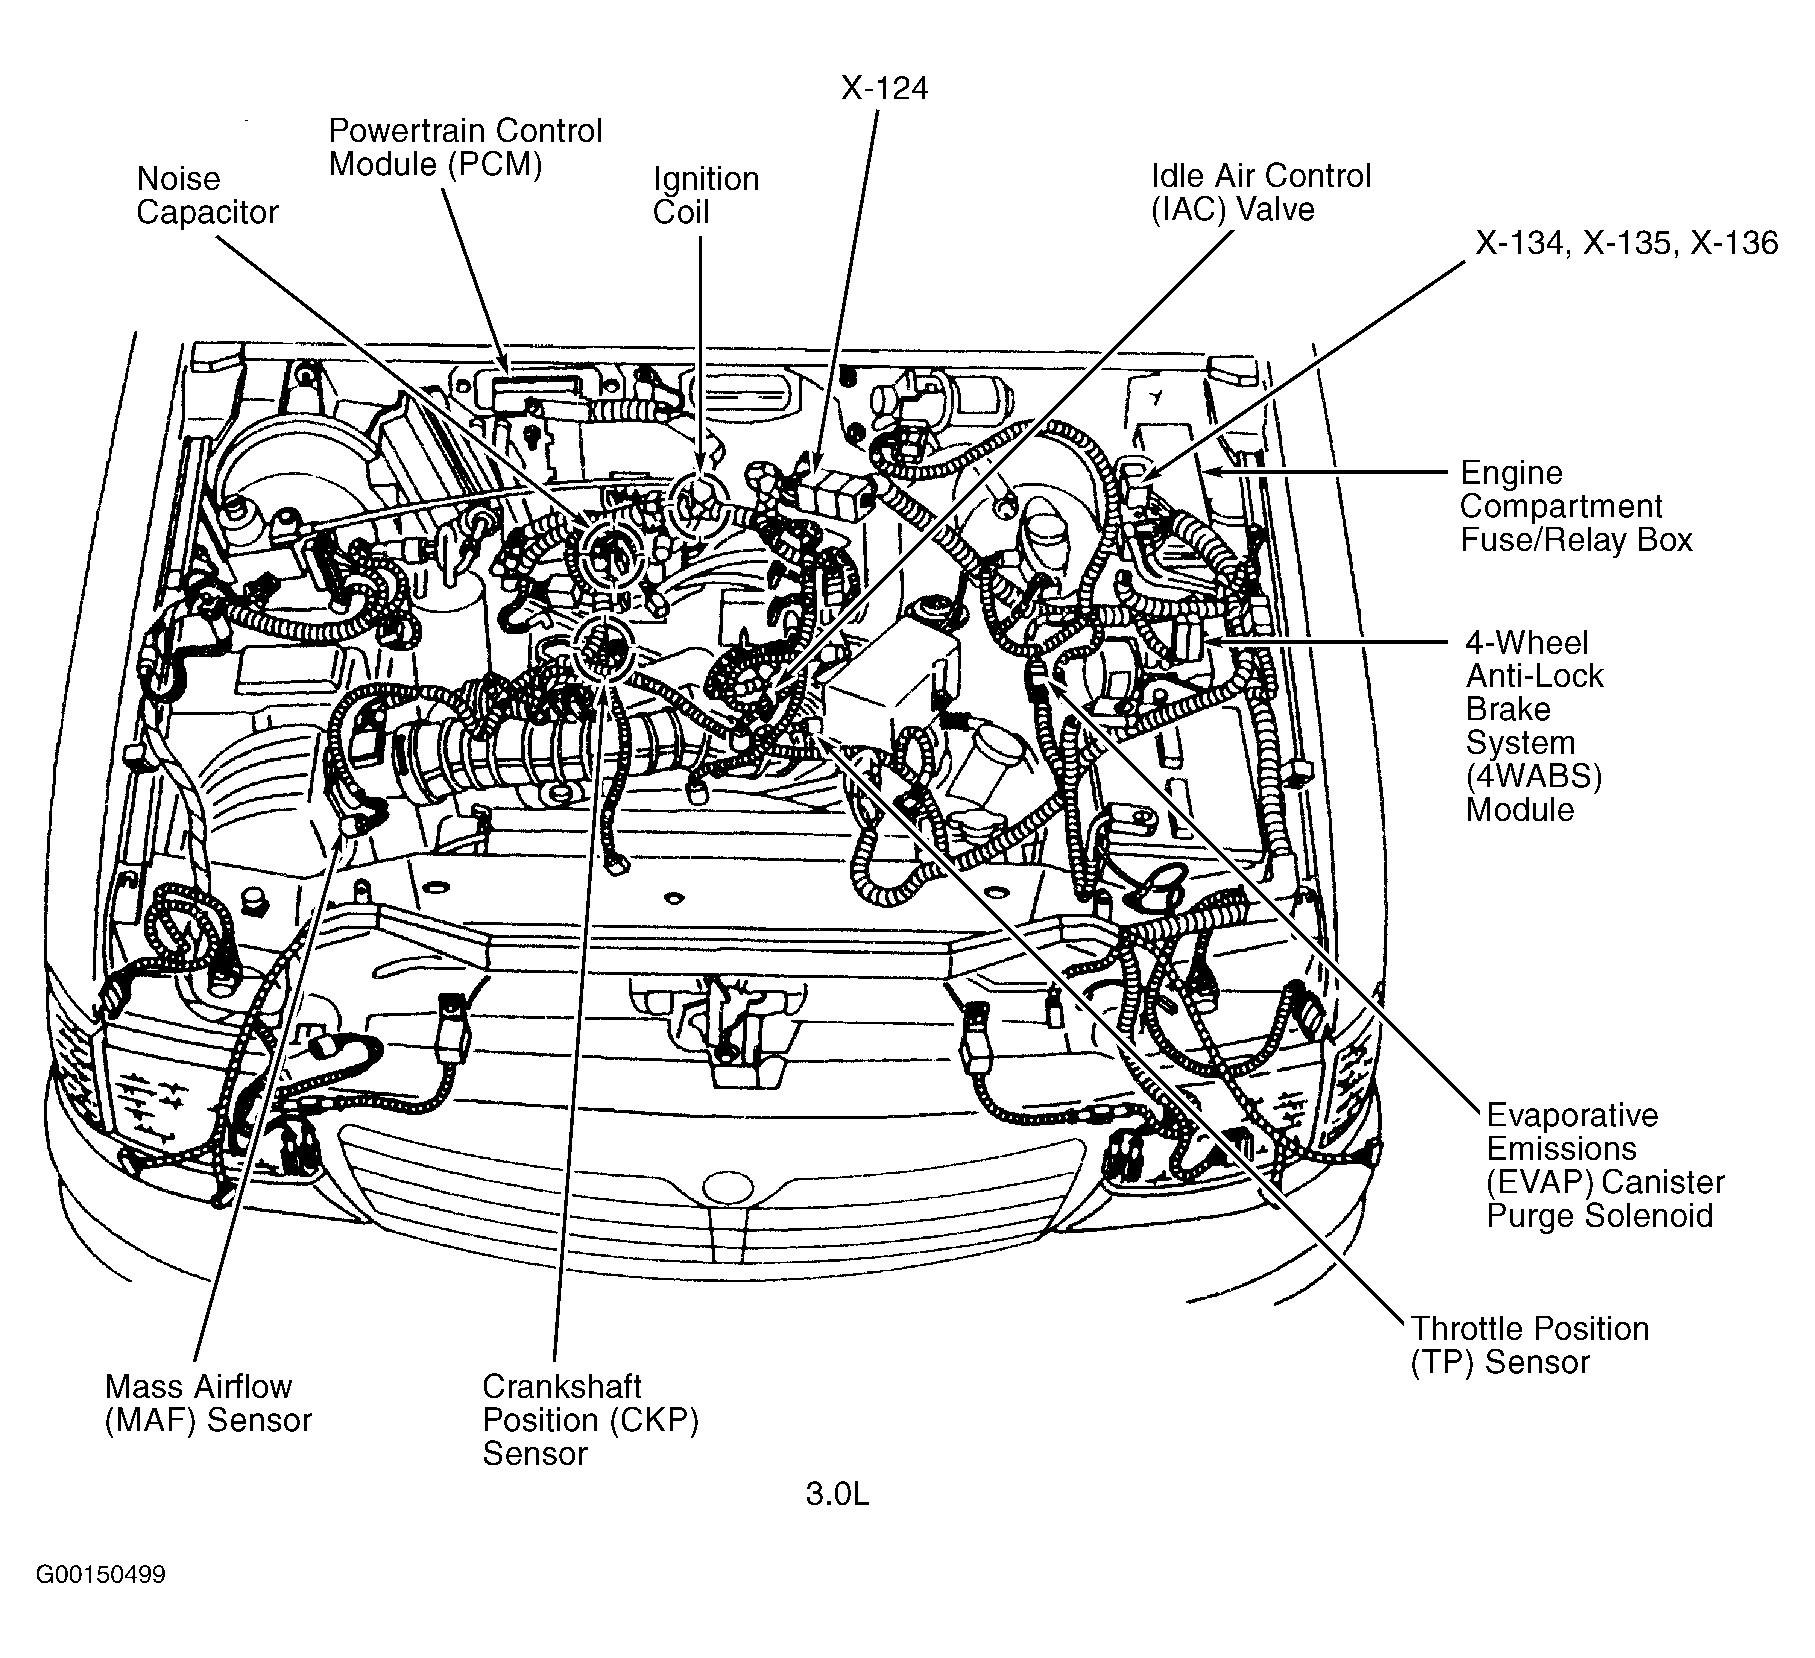 2001 ford F150 Engine Diagram 96 F150 Fuse Box Diagram Of 2001 ford F150 Engine Diagram